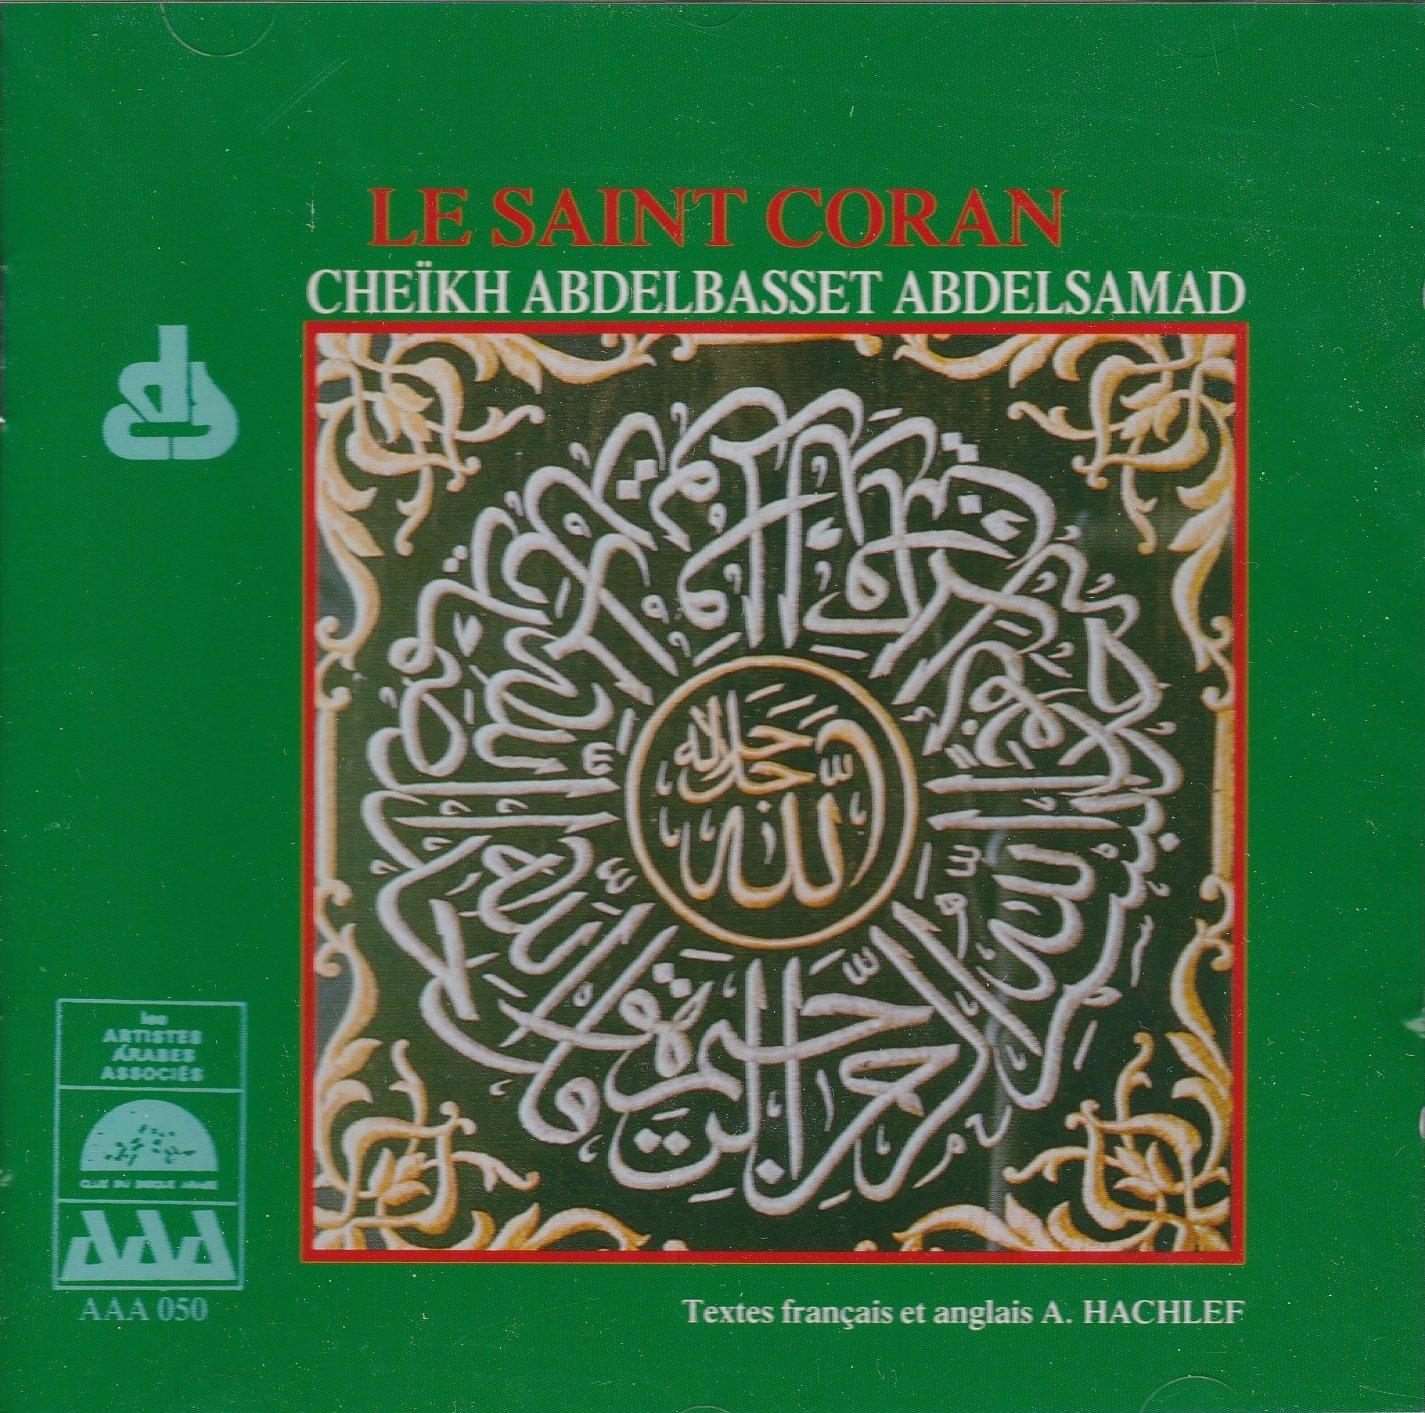 coran cheikh abdelbasset abdessamad